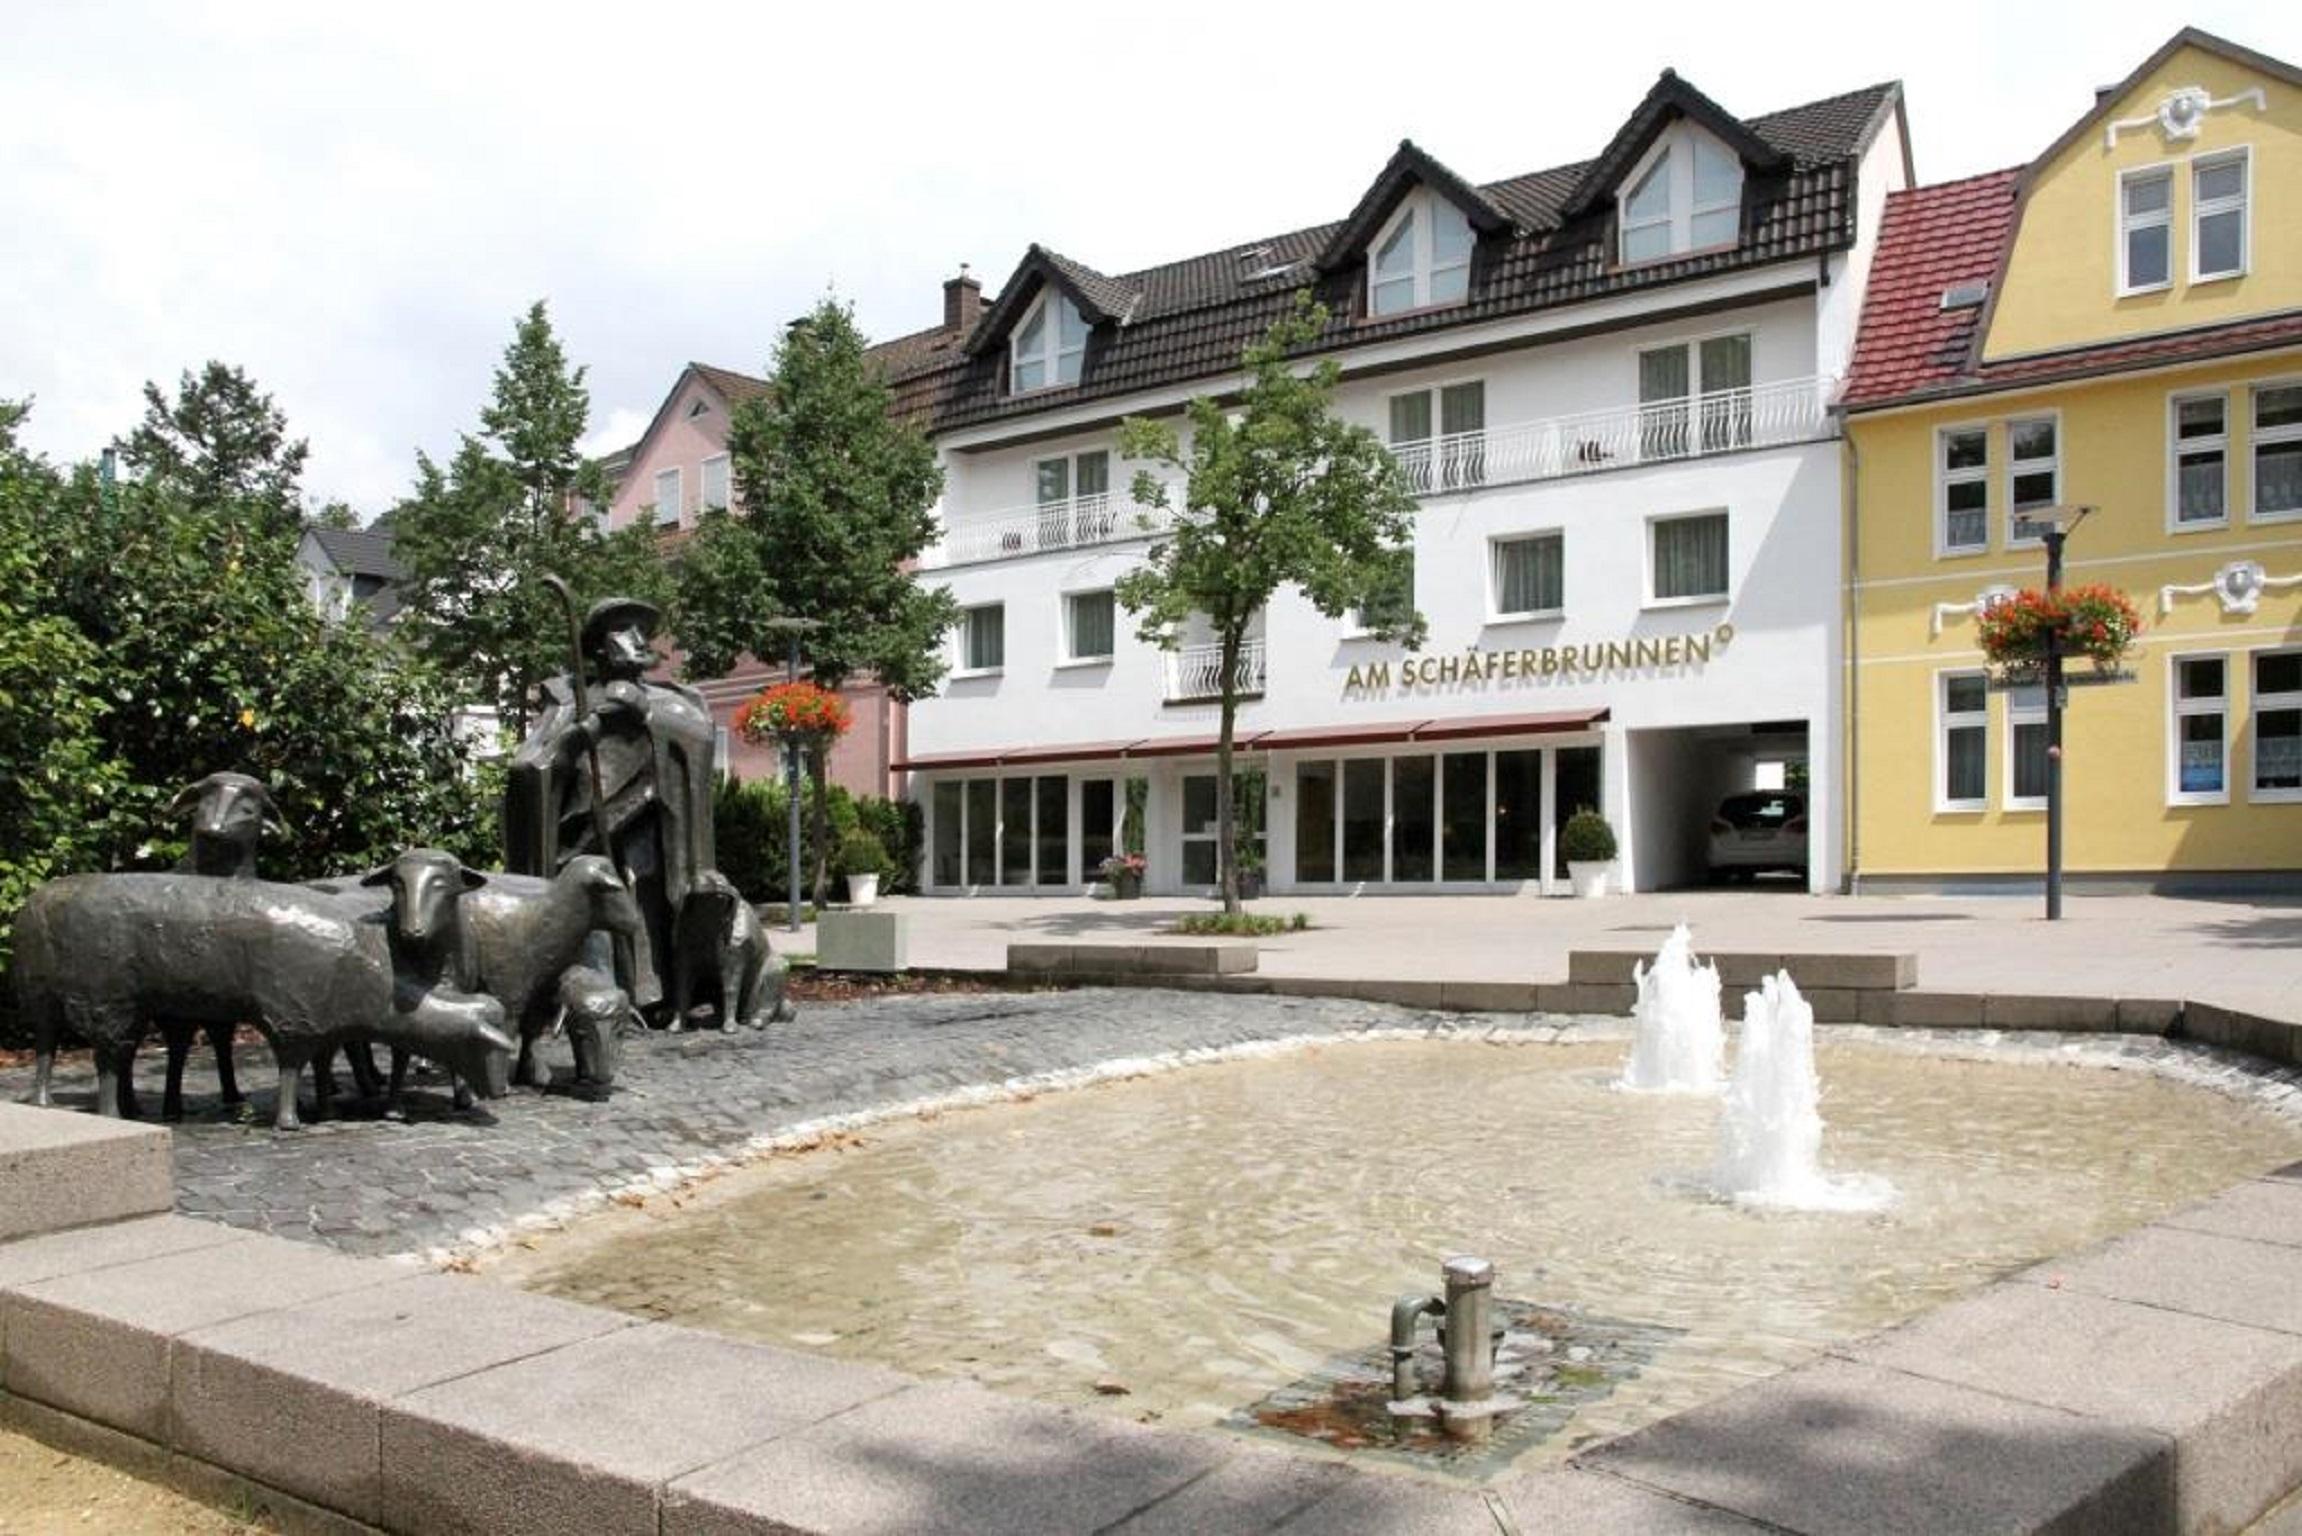 Full Size of Bad Griesbach Therme Dänisches Bettenlager Badezimmer Hotels In Kissingen Beleuchtung Elektroheizkörper Bademäntel Herren Hotel Lauterberg Gutschein Bader Bad Bad Lippspringe Hotel